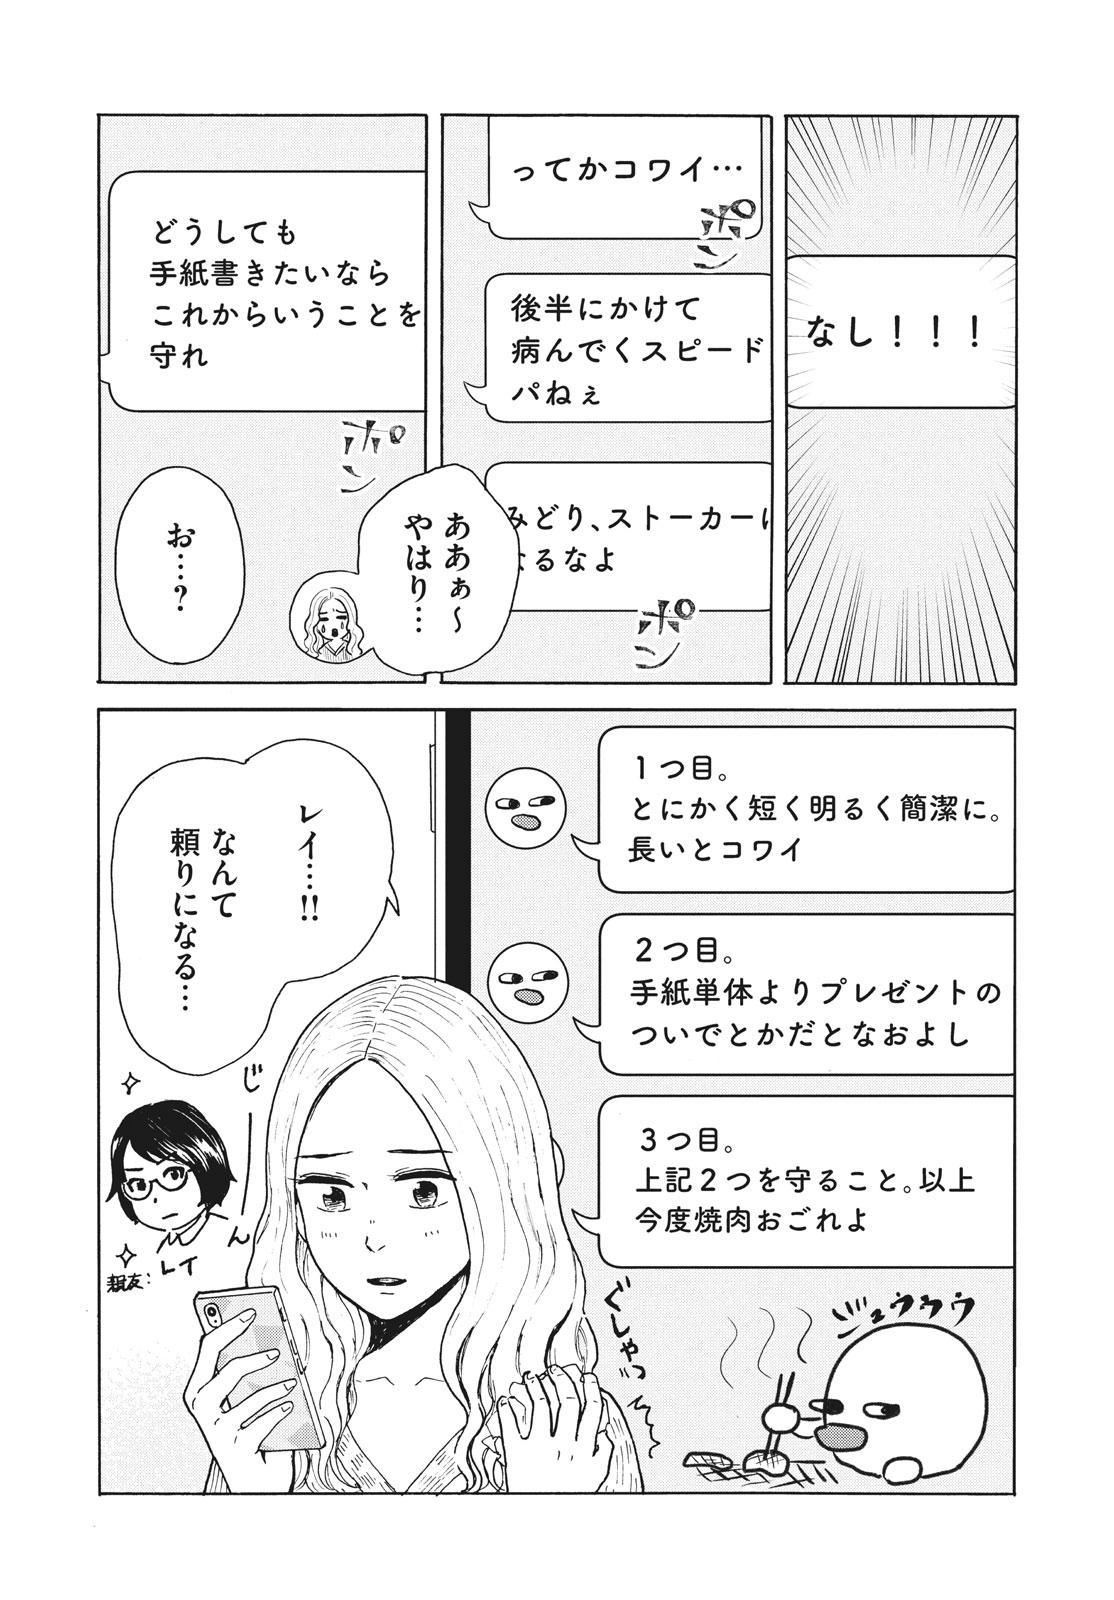 003_30日_2020_007_E.jpg